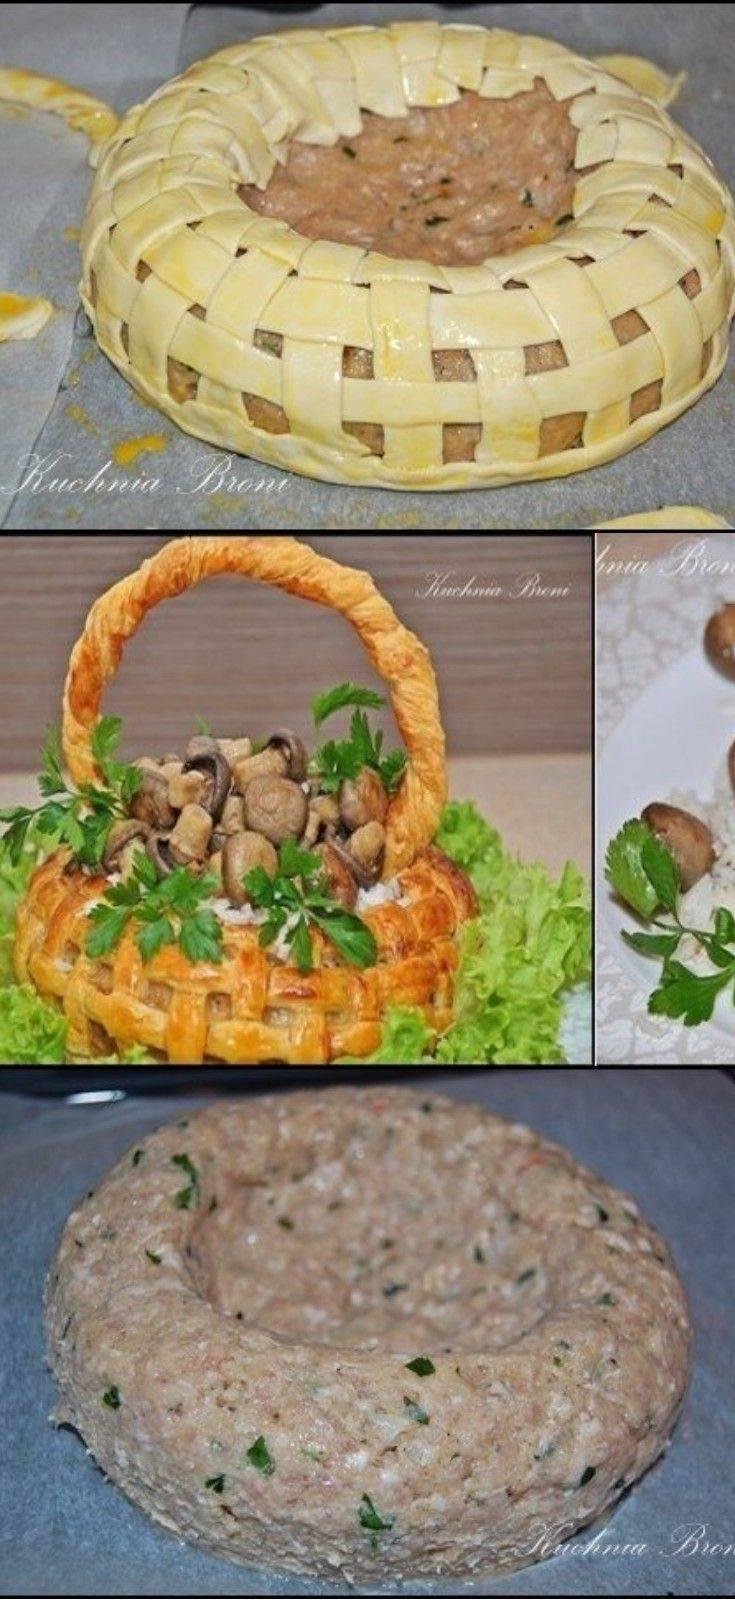 Закуски из слоеного теста: лучшие рецепты. как приготовить вкусные закуски из слоеного теста?